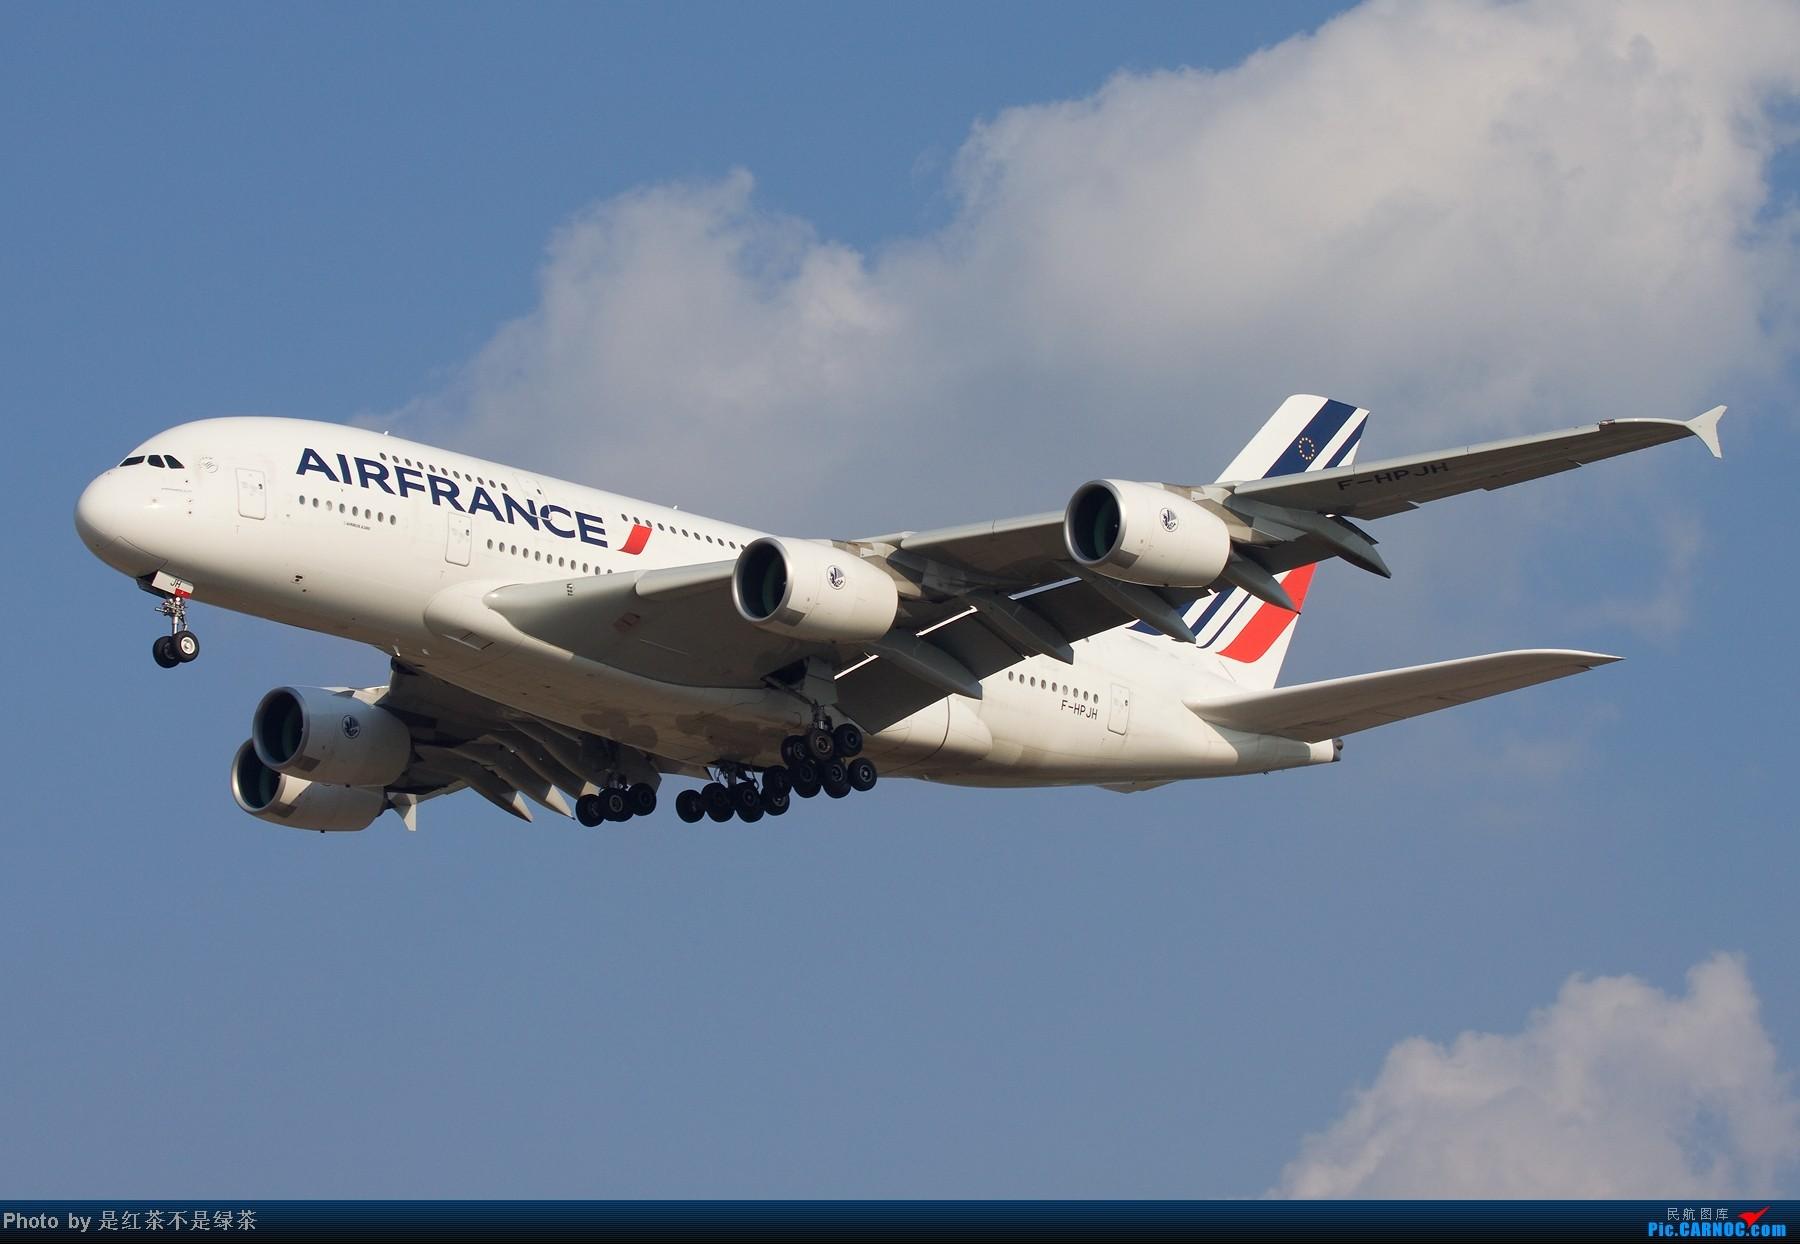 【红茶拍机】今天的主角!法航A380首航上海,多角度,第一张1800的图,最后附赠独家拍摄的擦烟图! AIRBUS A380-800 F-HPJH 中国上海浦东机场